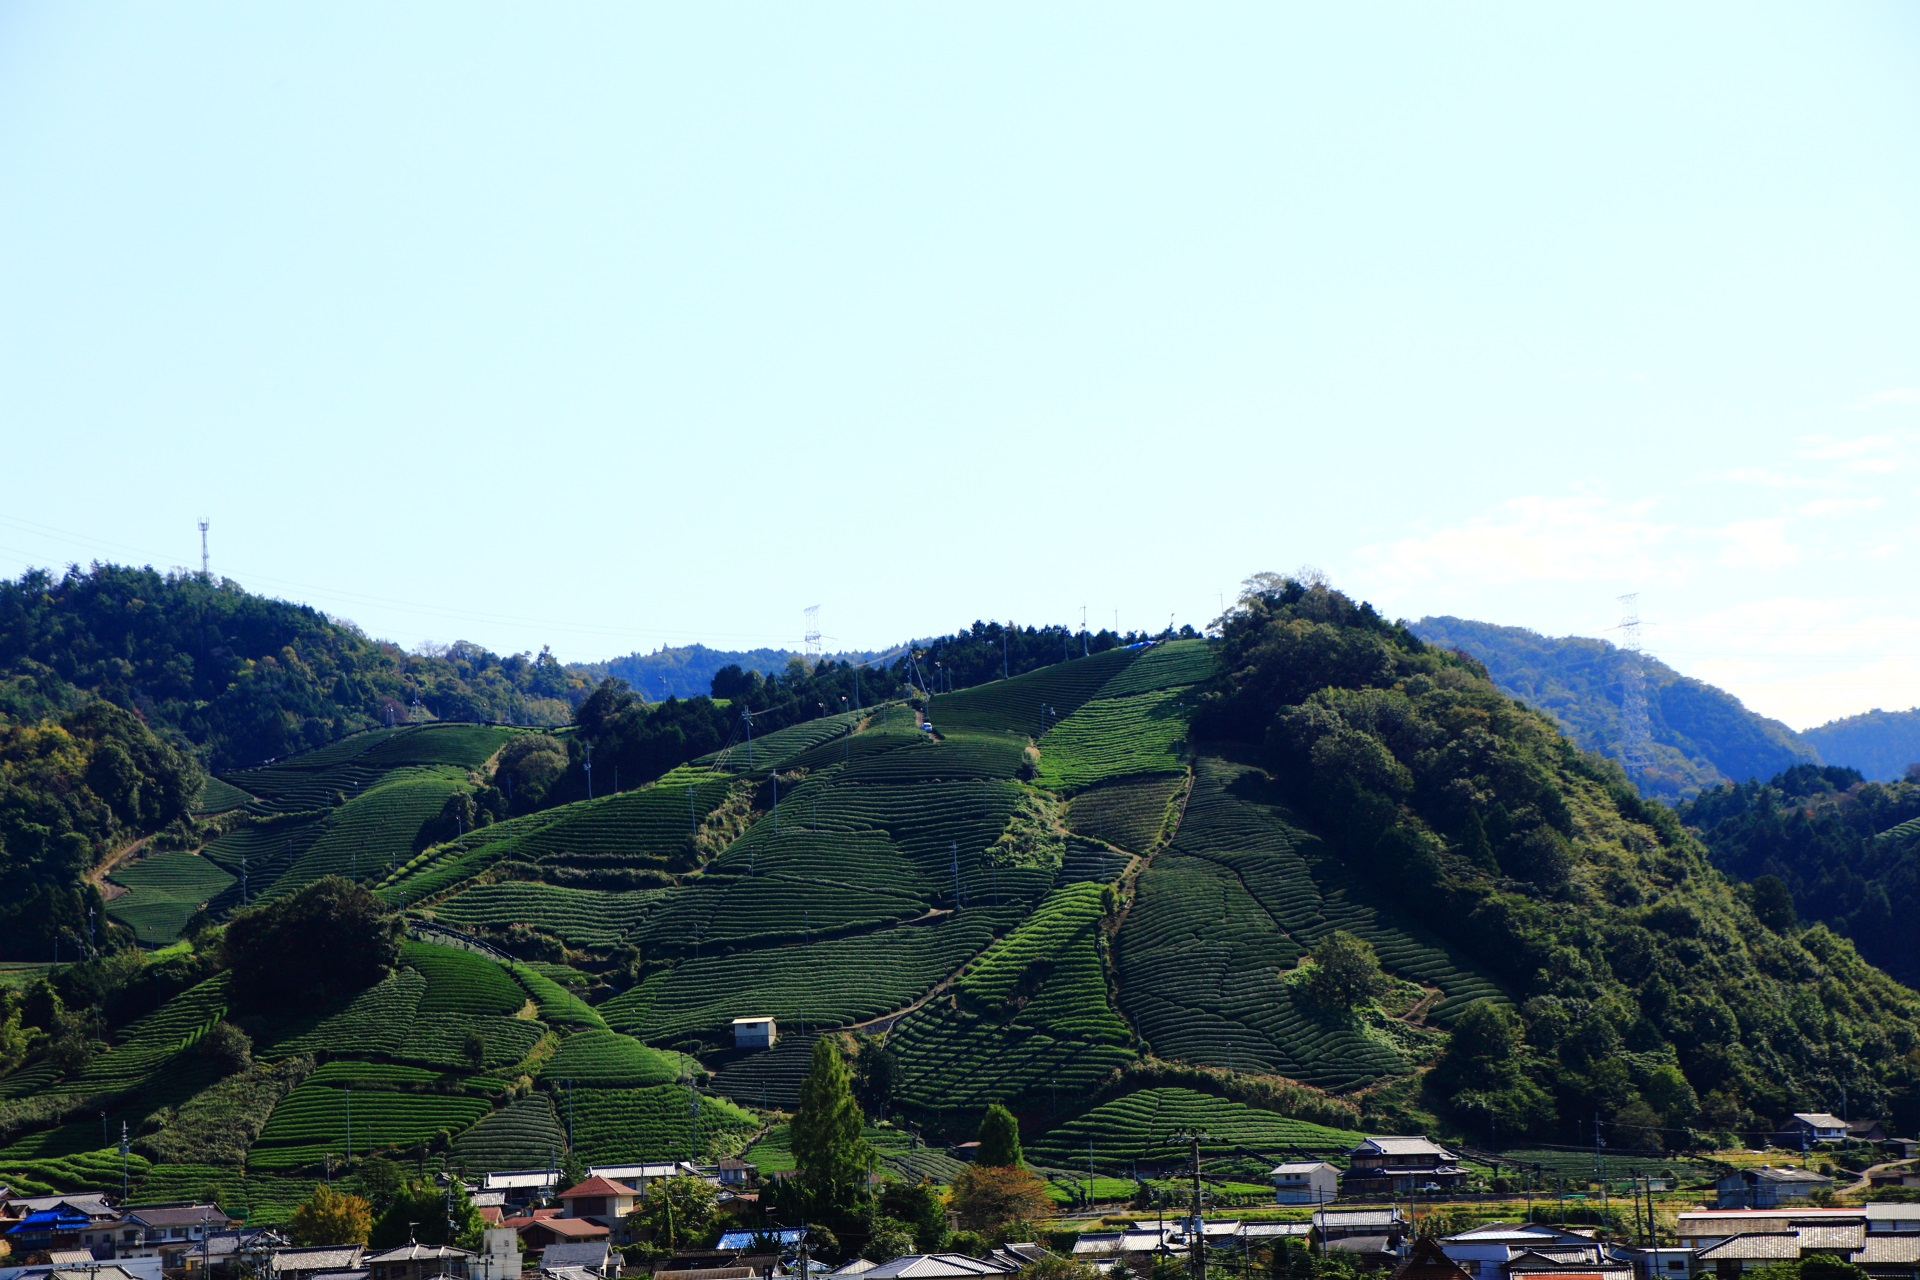 安積親王陵墓の南側の山のお茶畑